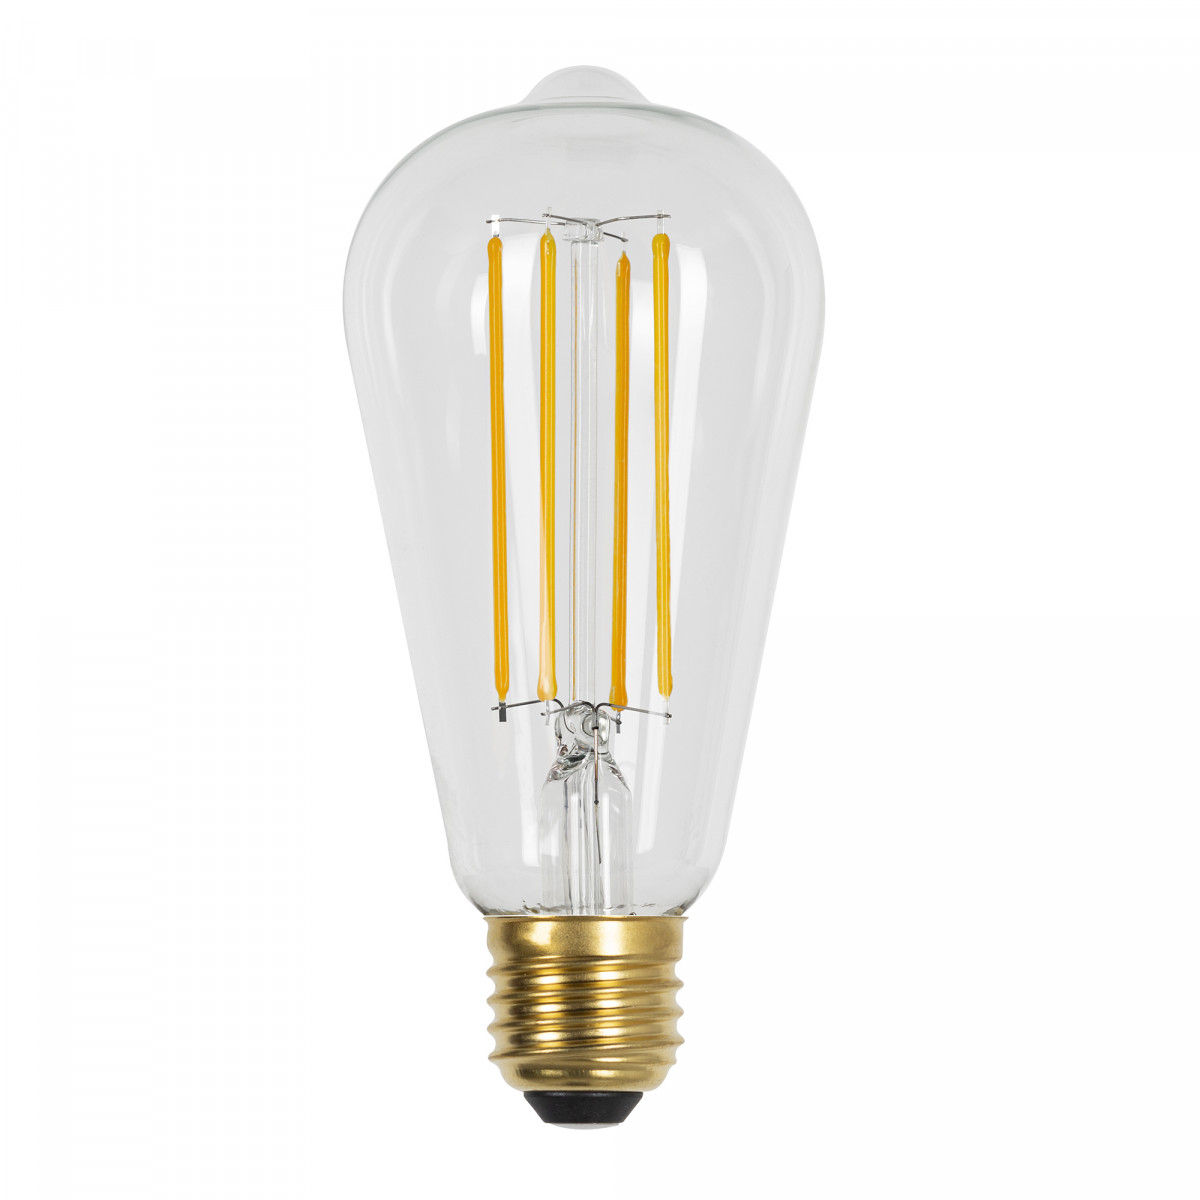 6-pack ledlamp Kooldraadlamp Edison